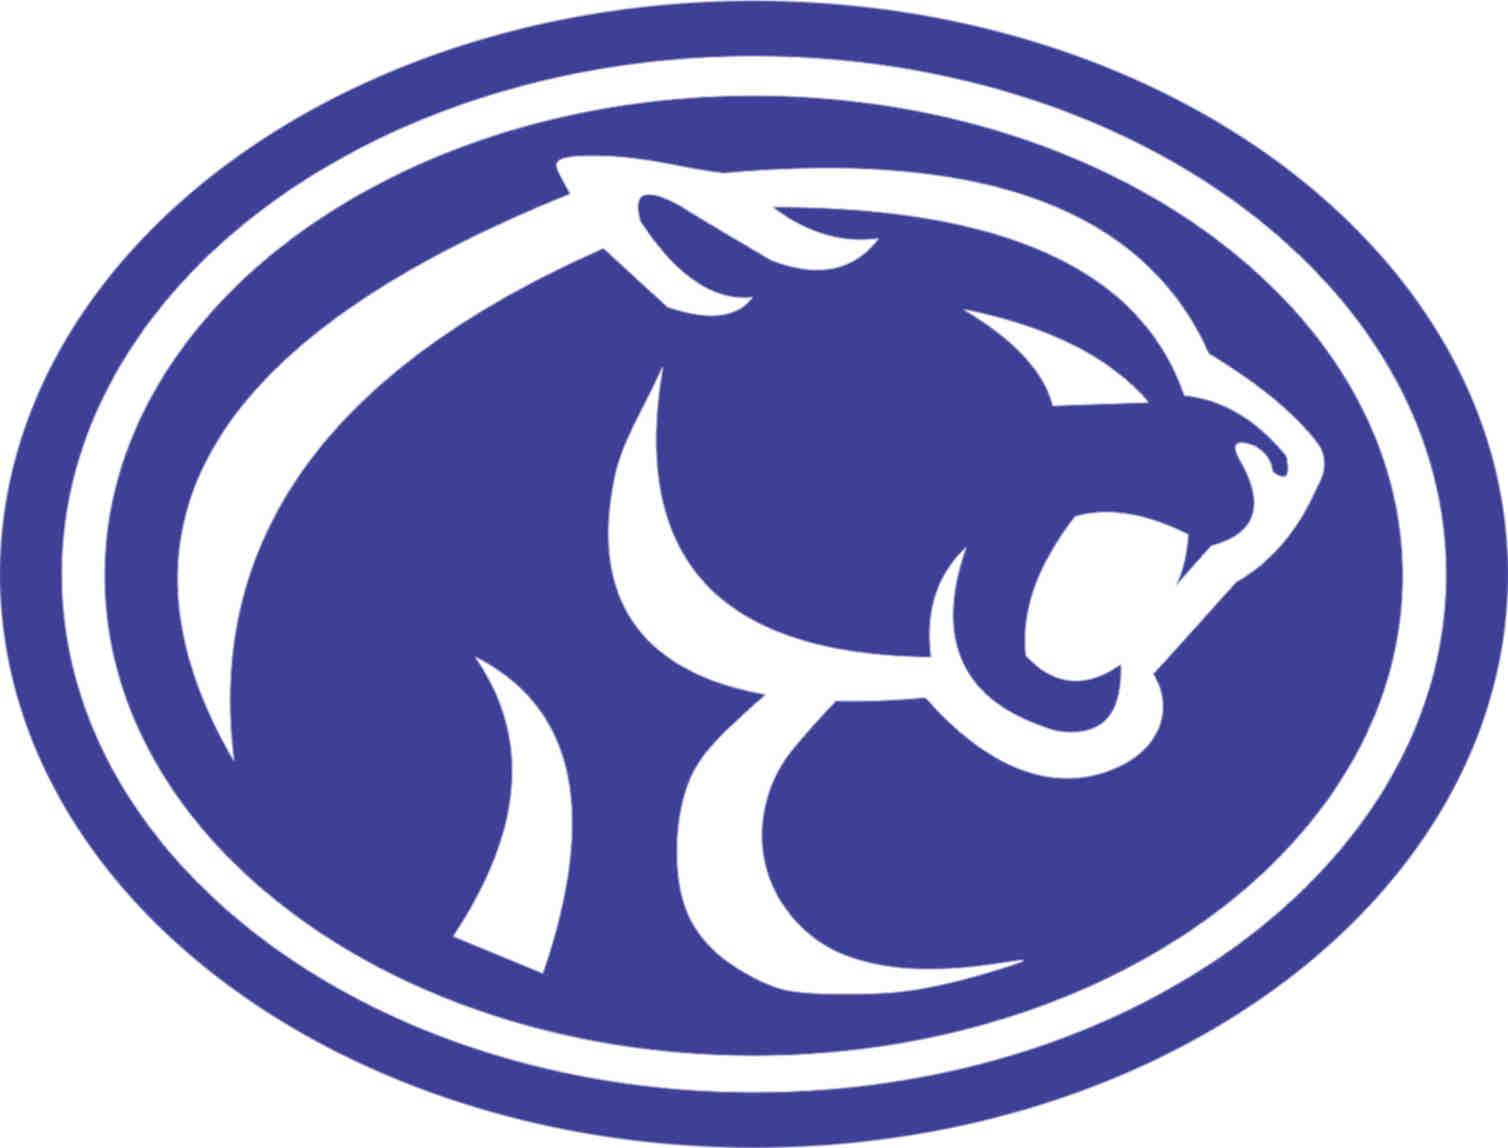 Cougar Logos